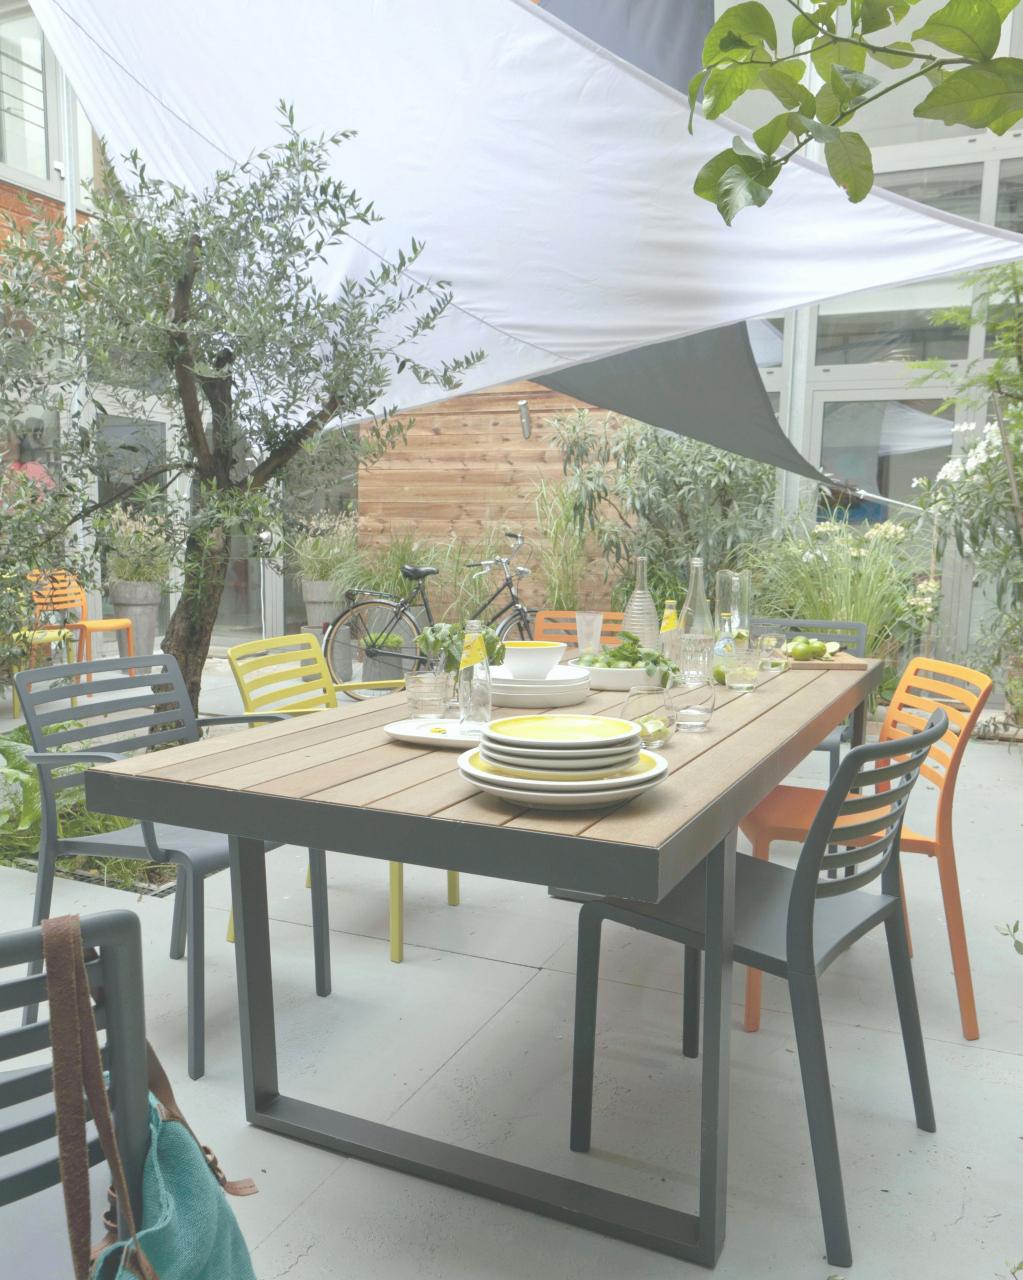 Leroy Merlin Salon Jardin Resine Nouveau Elégant Table ... tout Salon De Jardin En Resine Leroy Merlin